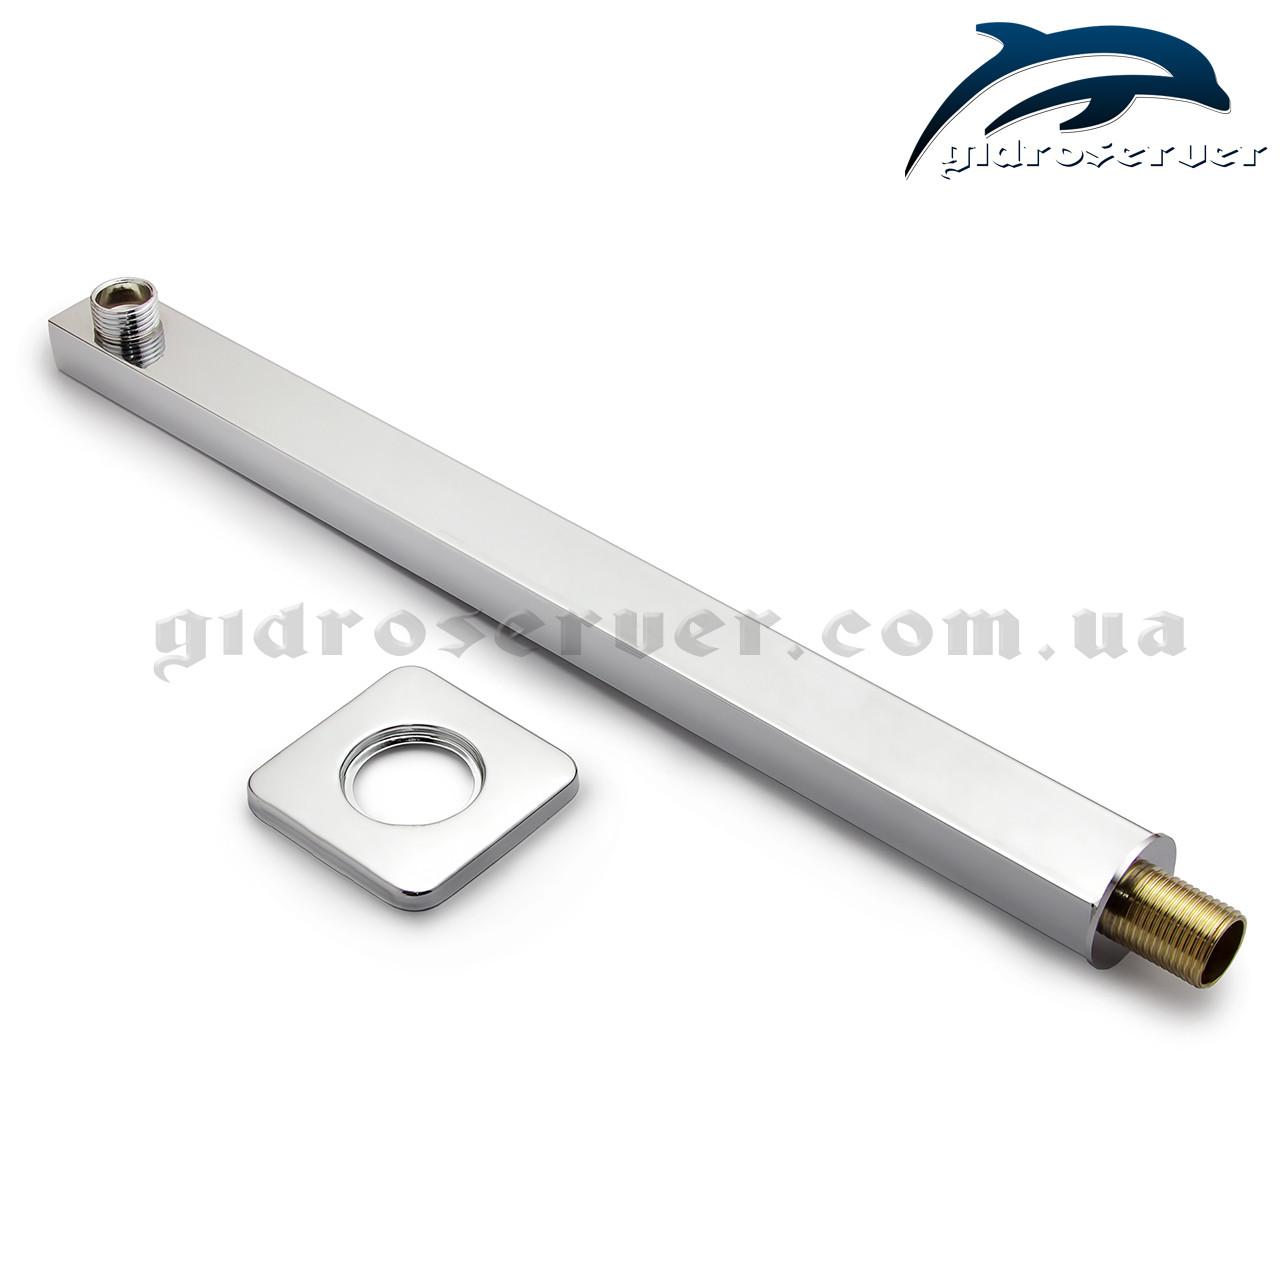 Кронштейн для верхнього душу DS-01.40 з нержавіючої сталі.